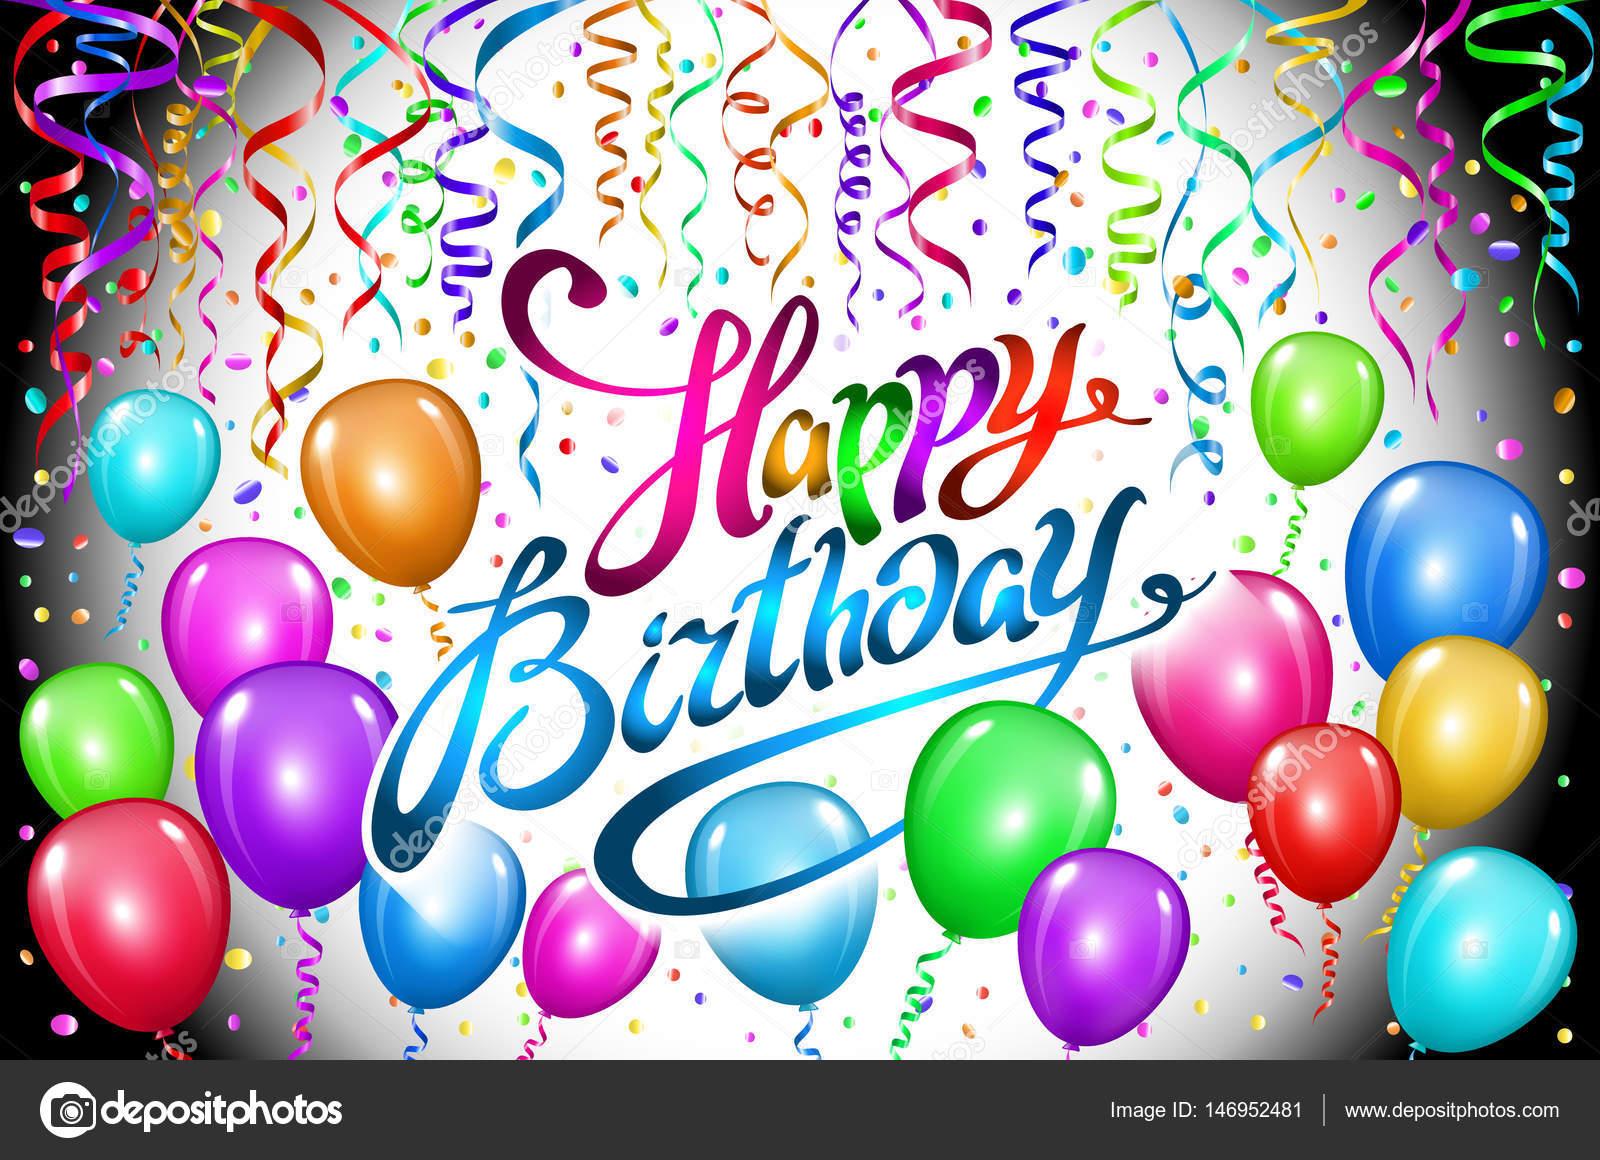 Disegno Compleanno: Disegno Di Vettore Di Buon Compleanno Tipografia Per